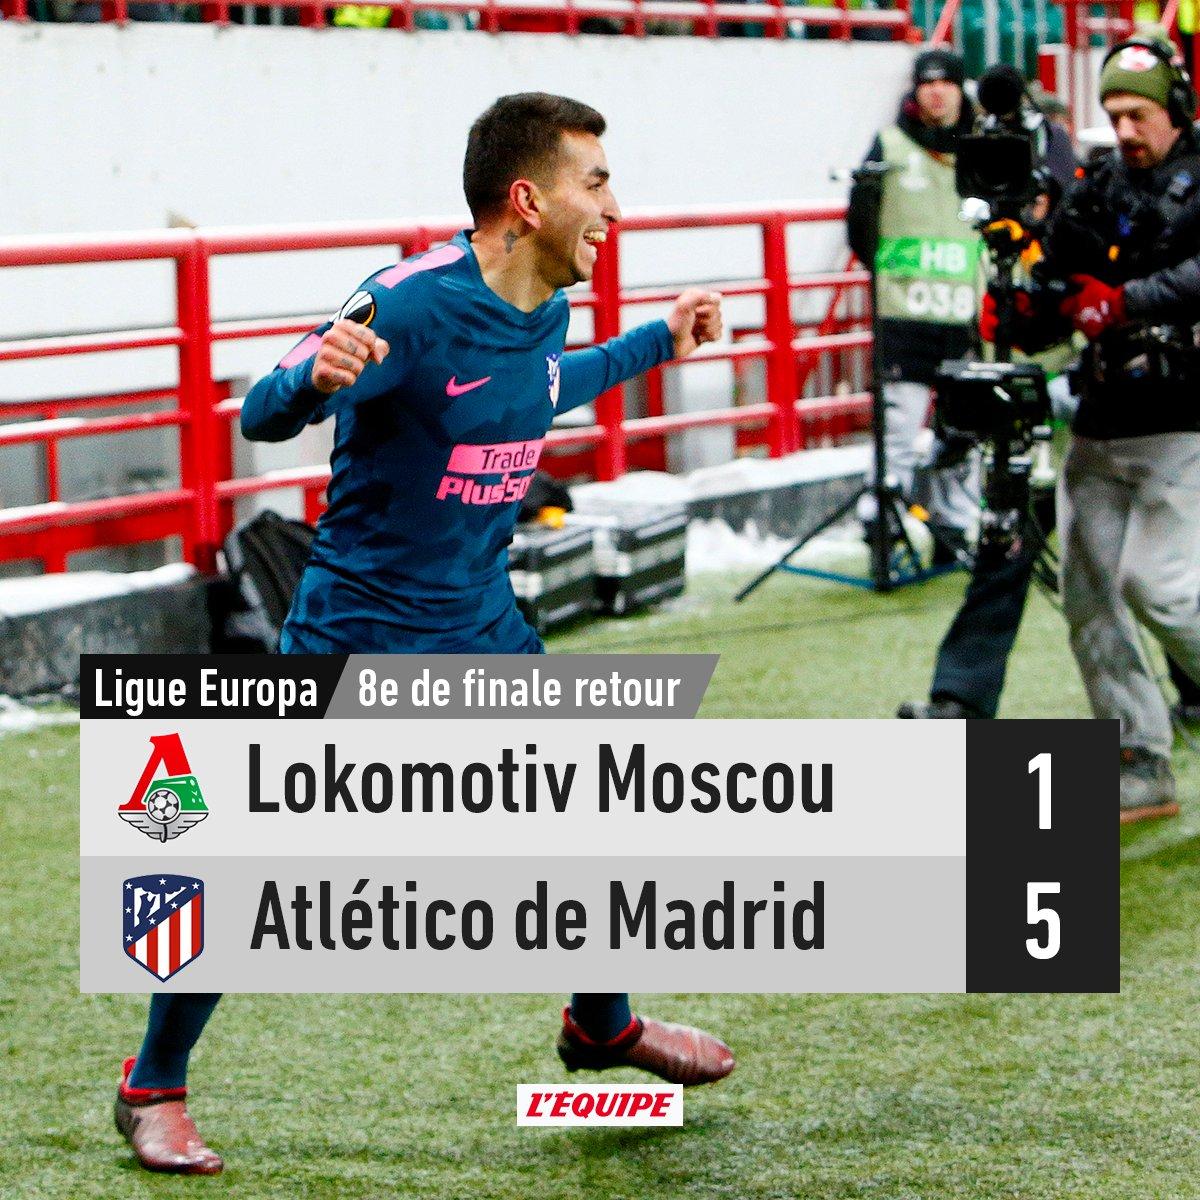 L'Atlético de Madrid est qualifié pour les quarts de finale de la Ligue Europa après sa victoire face au Lokomotiv Moscou https://t.co/DTkERbfgNf